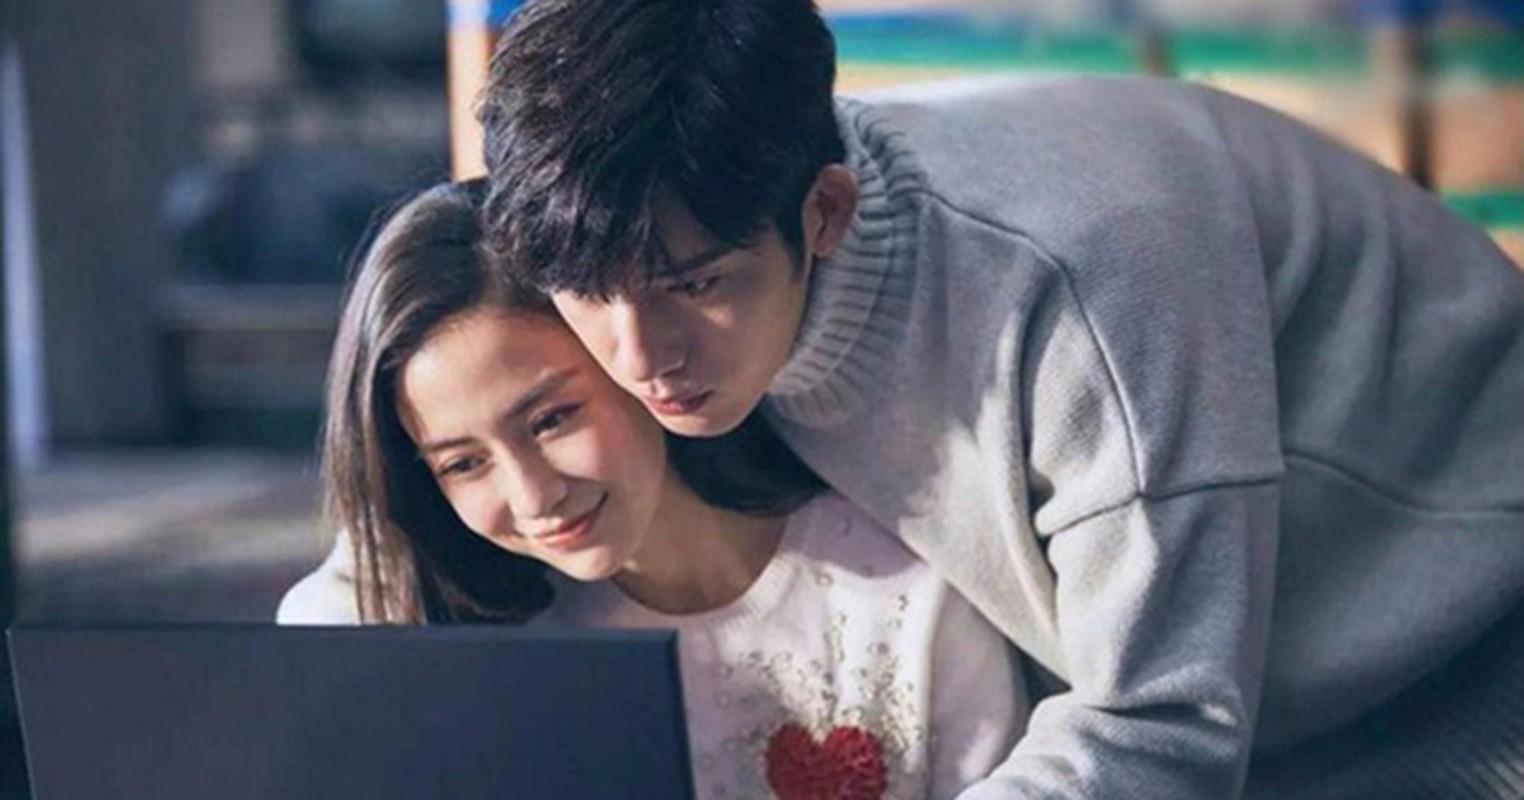 Ly do dan ong thich vo lun, chan dai may cung khong ham-Hinh-9